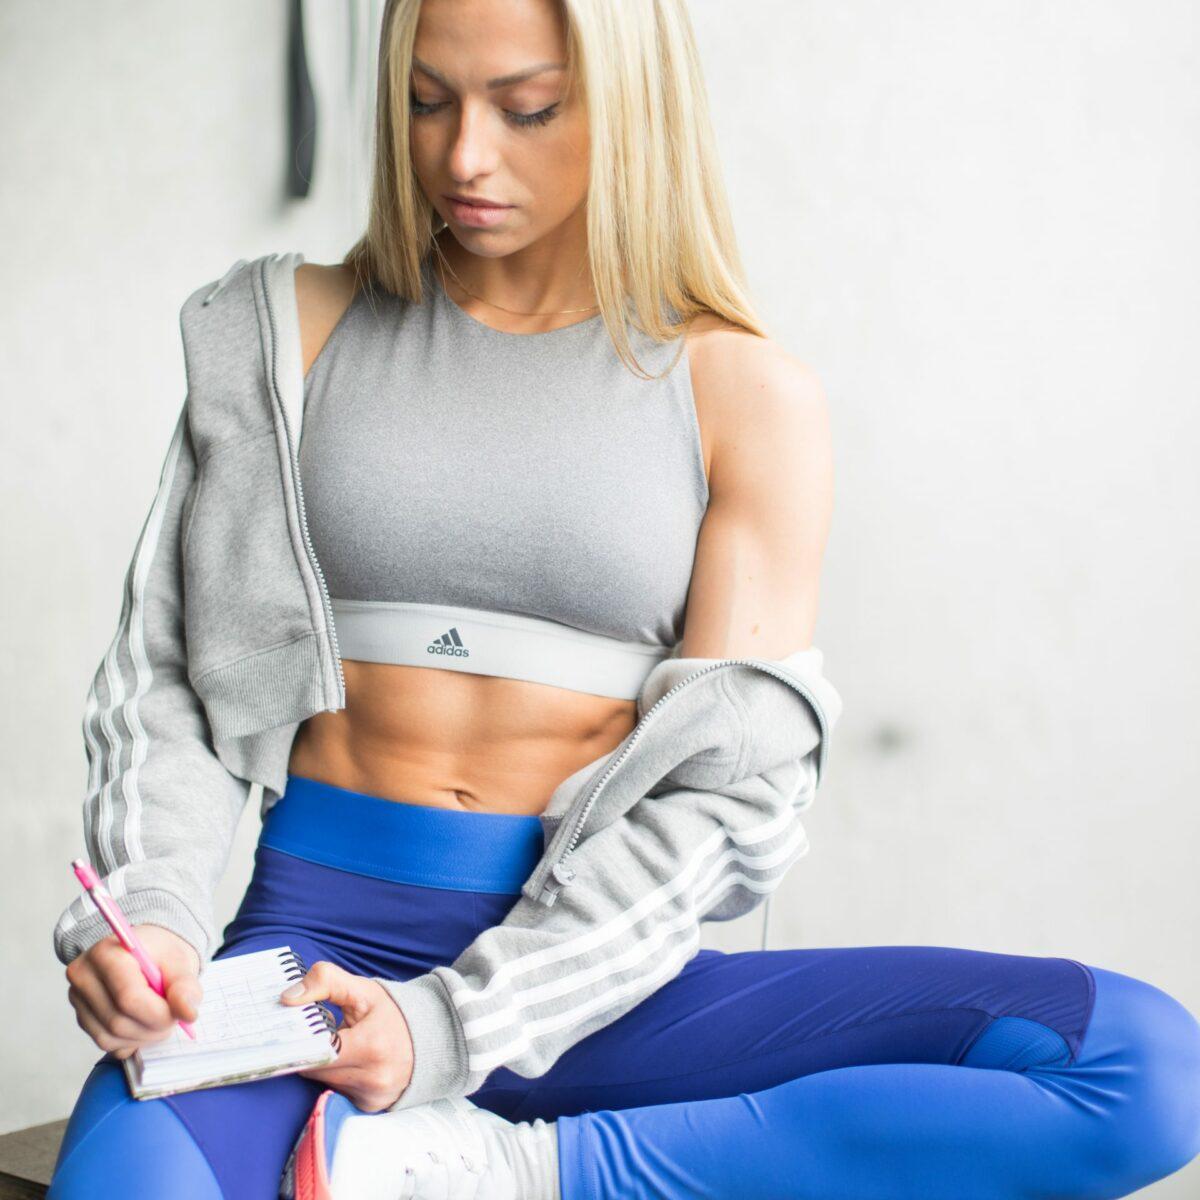 Trainingsplan erstellen - so einfach geht's!